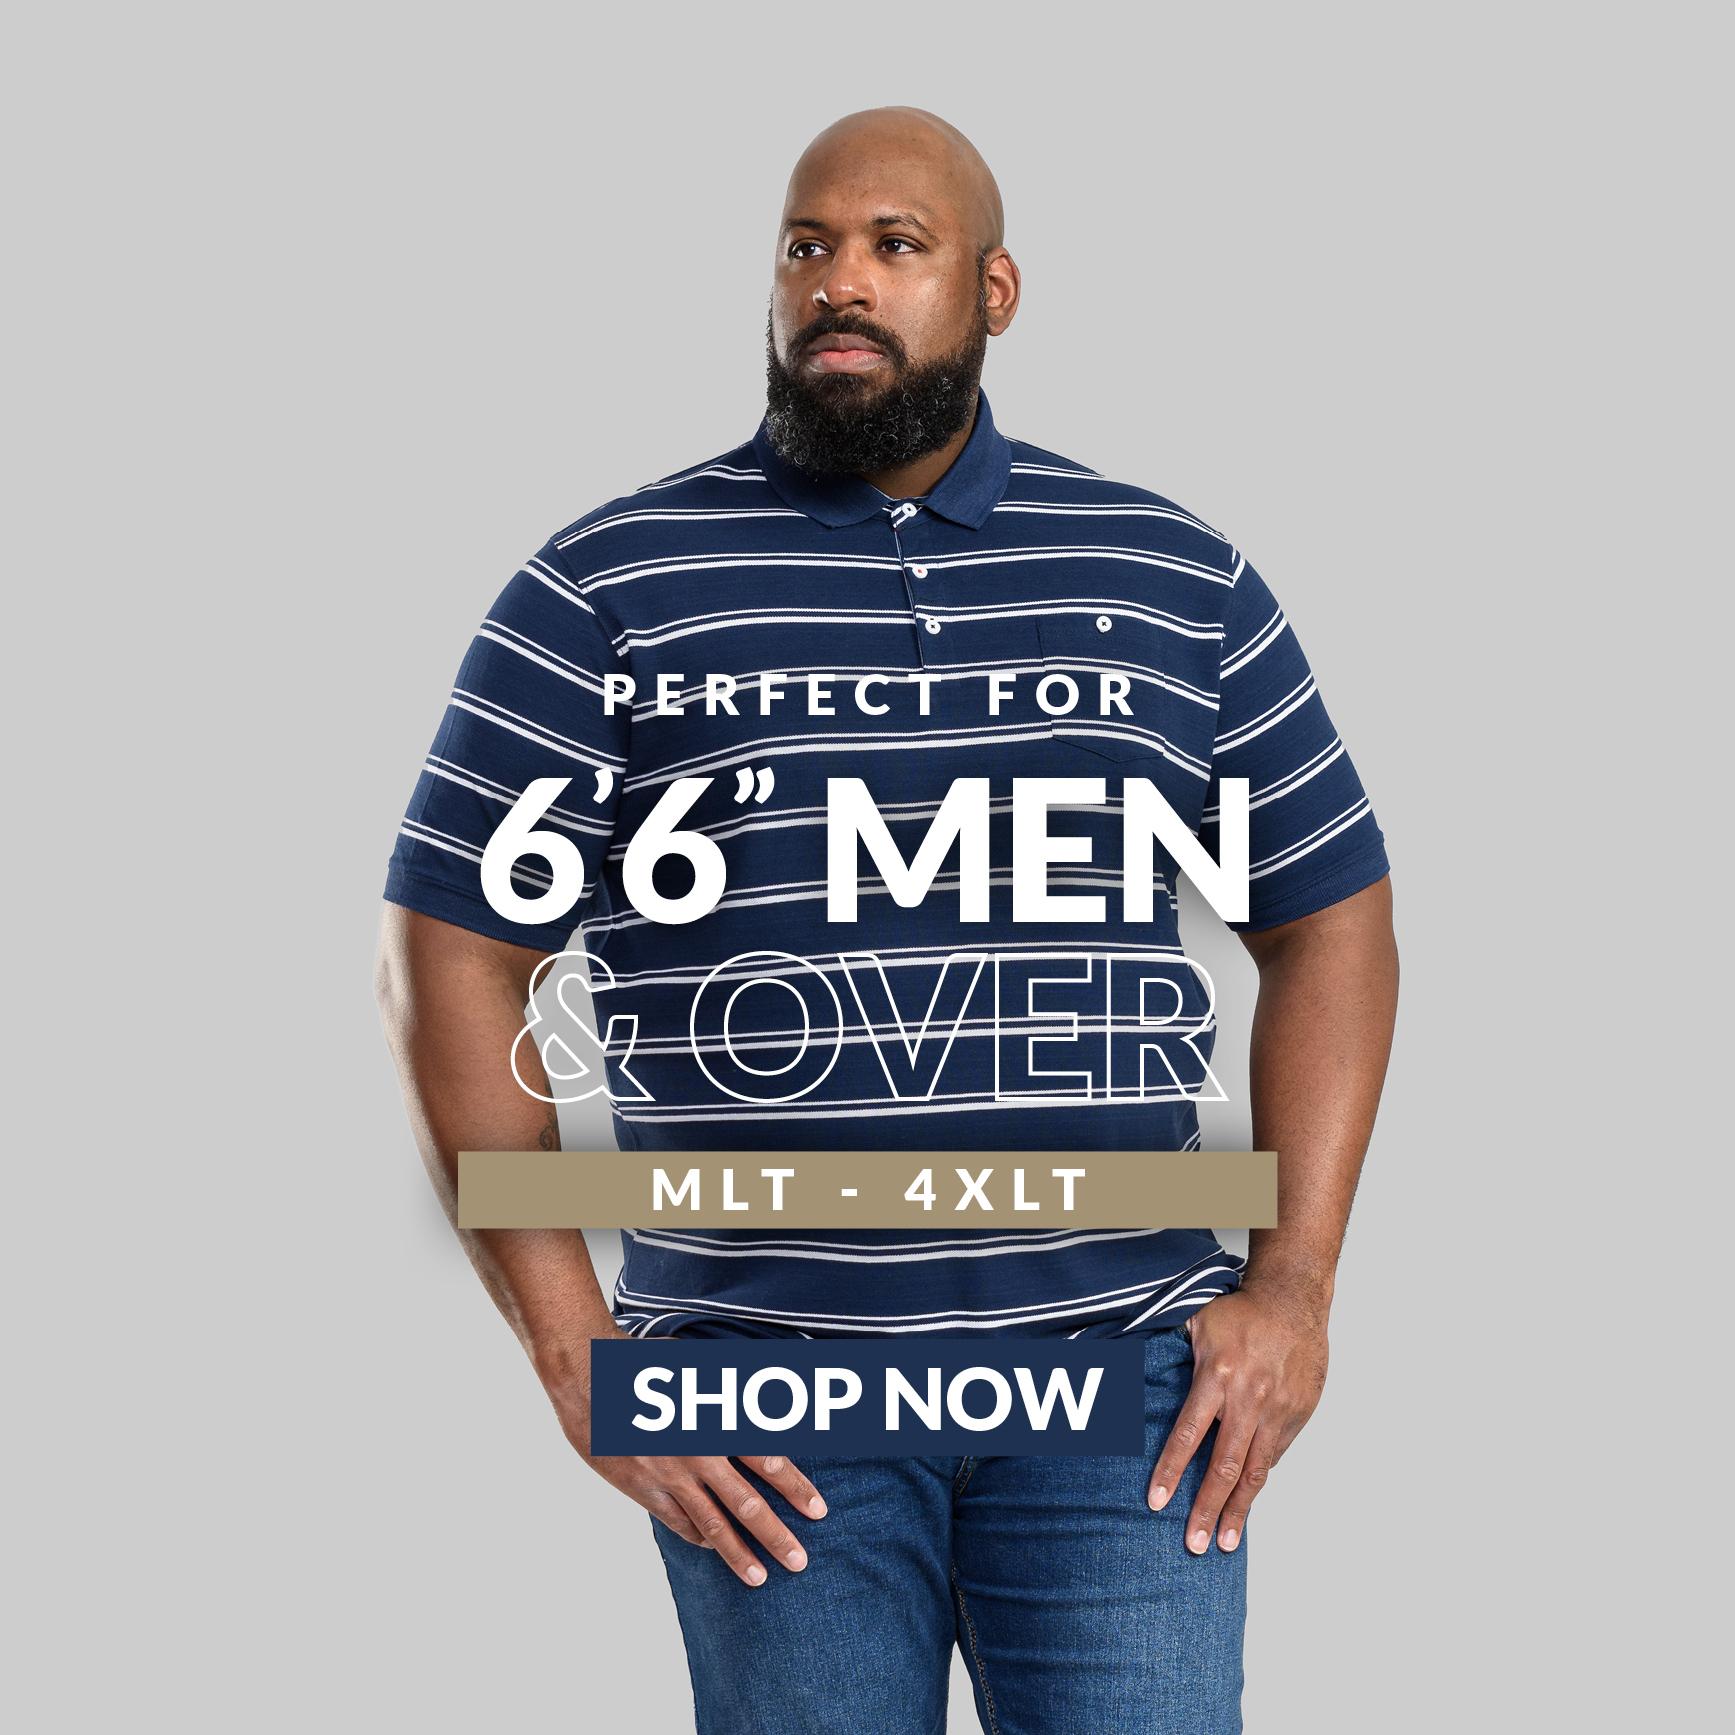 Tall Shop LT - 8XLT Menswear